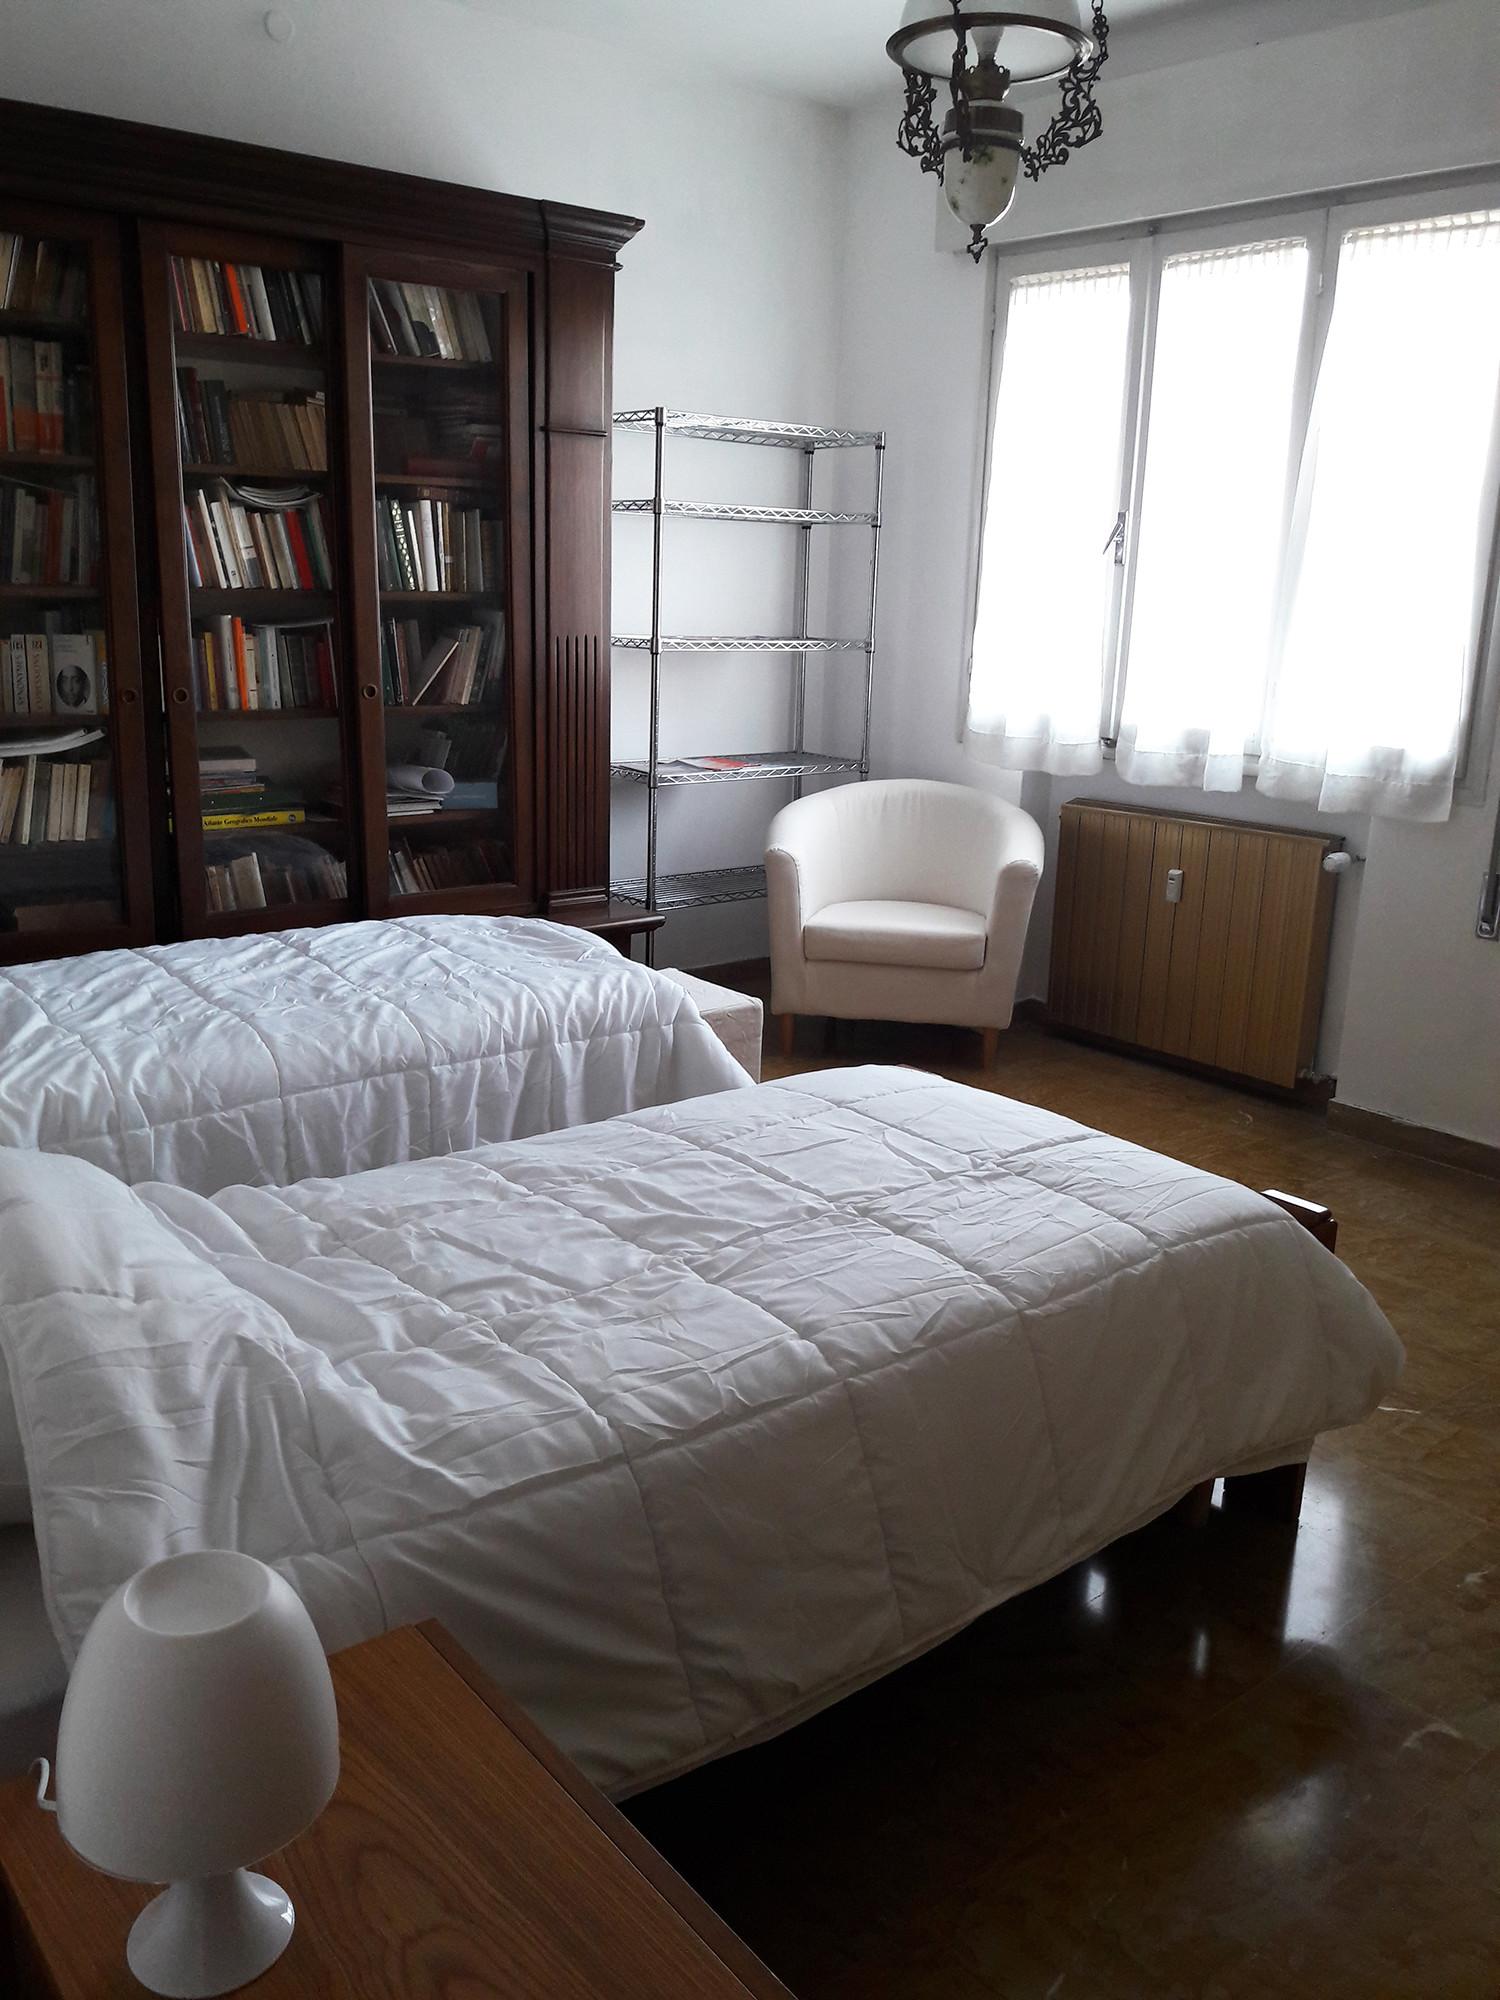 Posto letto in doppia per studentessa a venezia mestre only girls stanze in affitto venezia - Posto letto parma ...